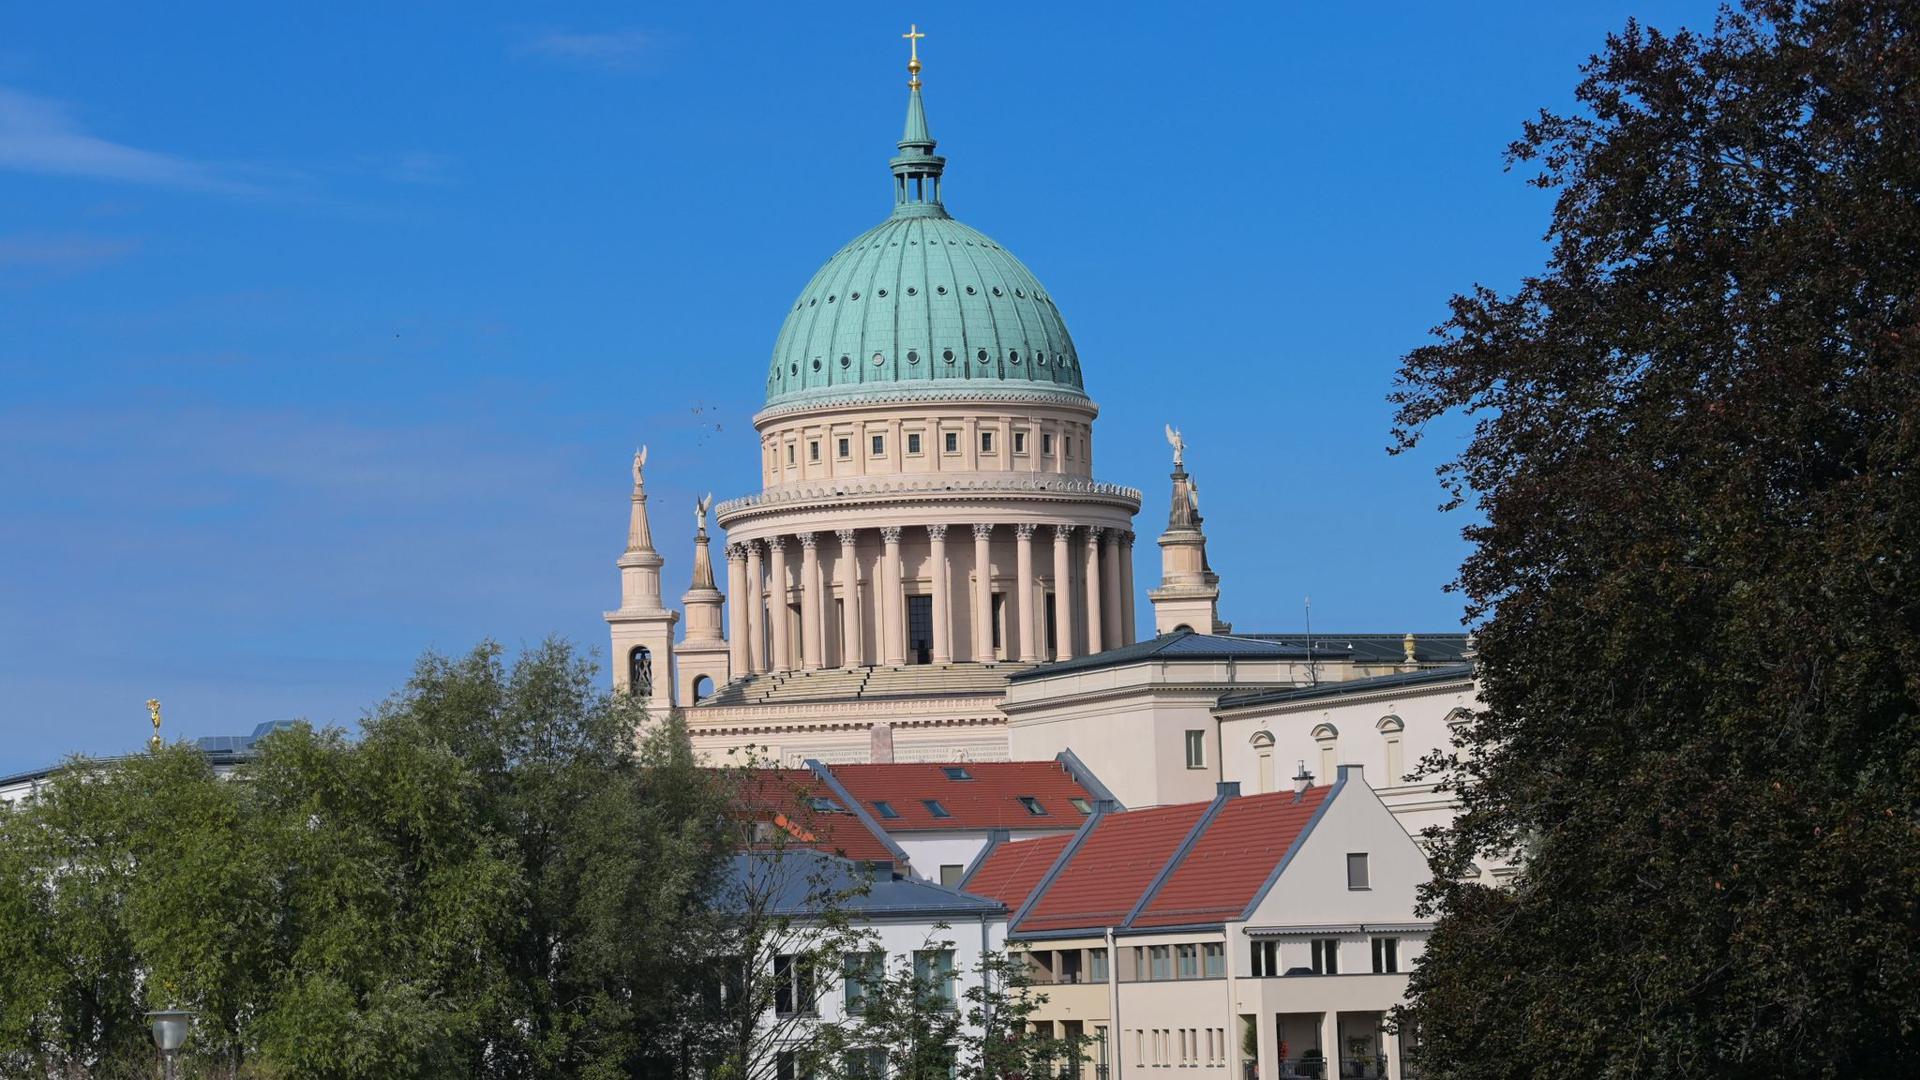 Die Kirche St. Nikolai in Potsdam. Die Stadt Potsdam hat einer Studie zufolge beste Aussichten auf ein Wachstum nach der Corona-Krise.